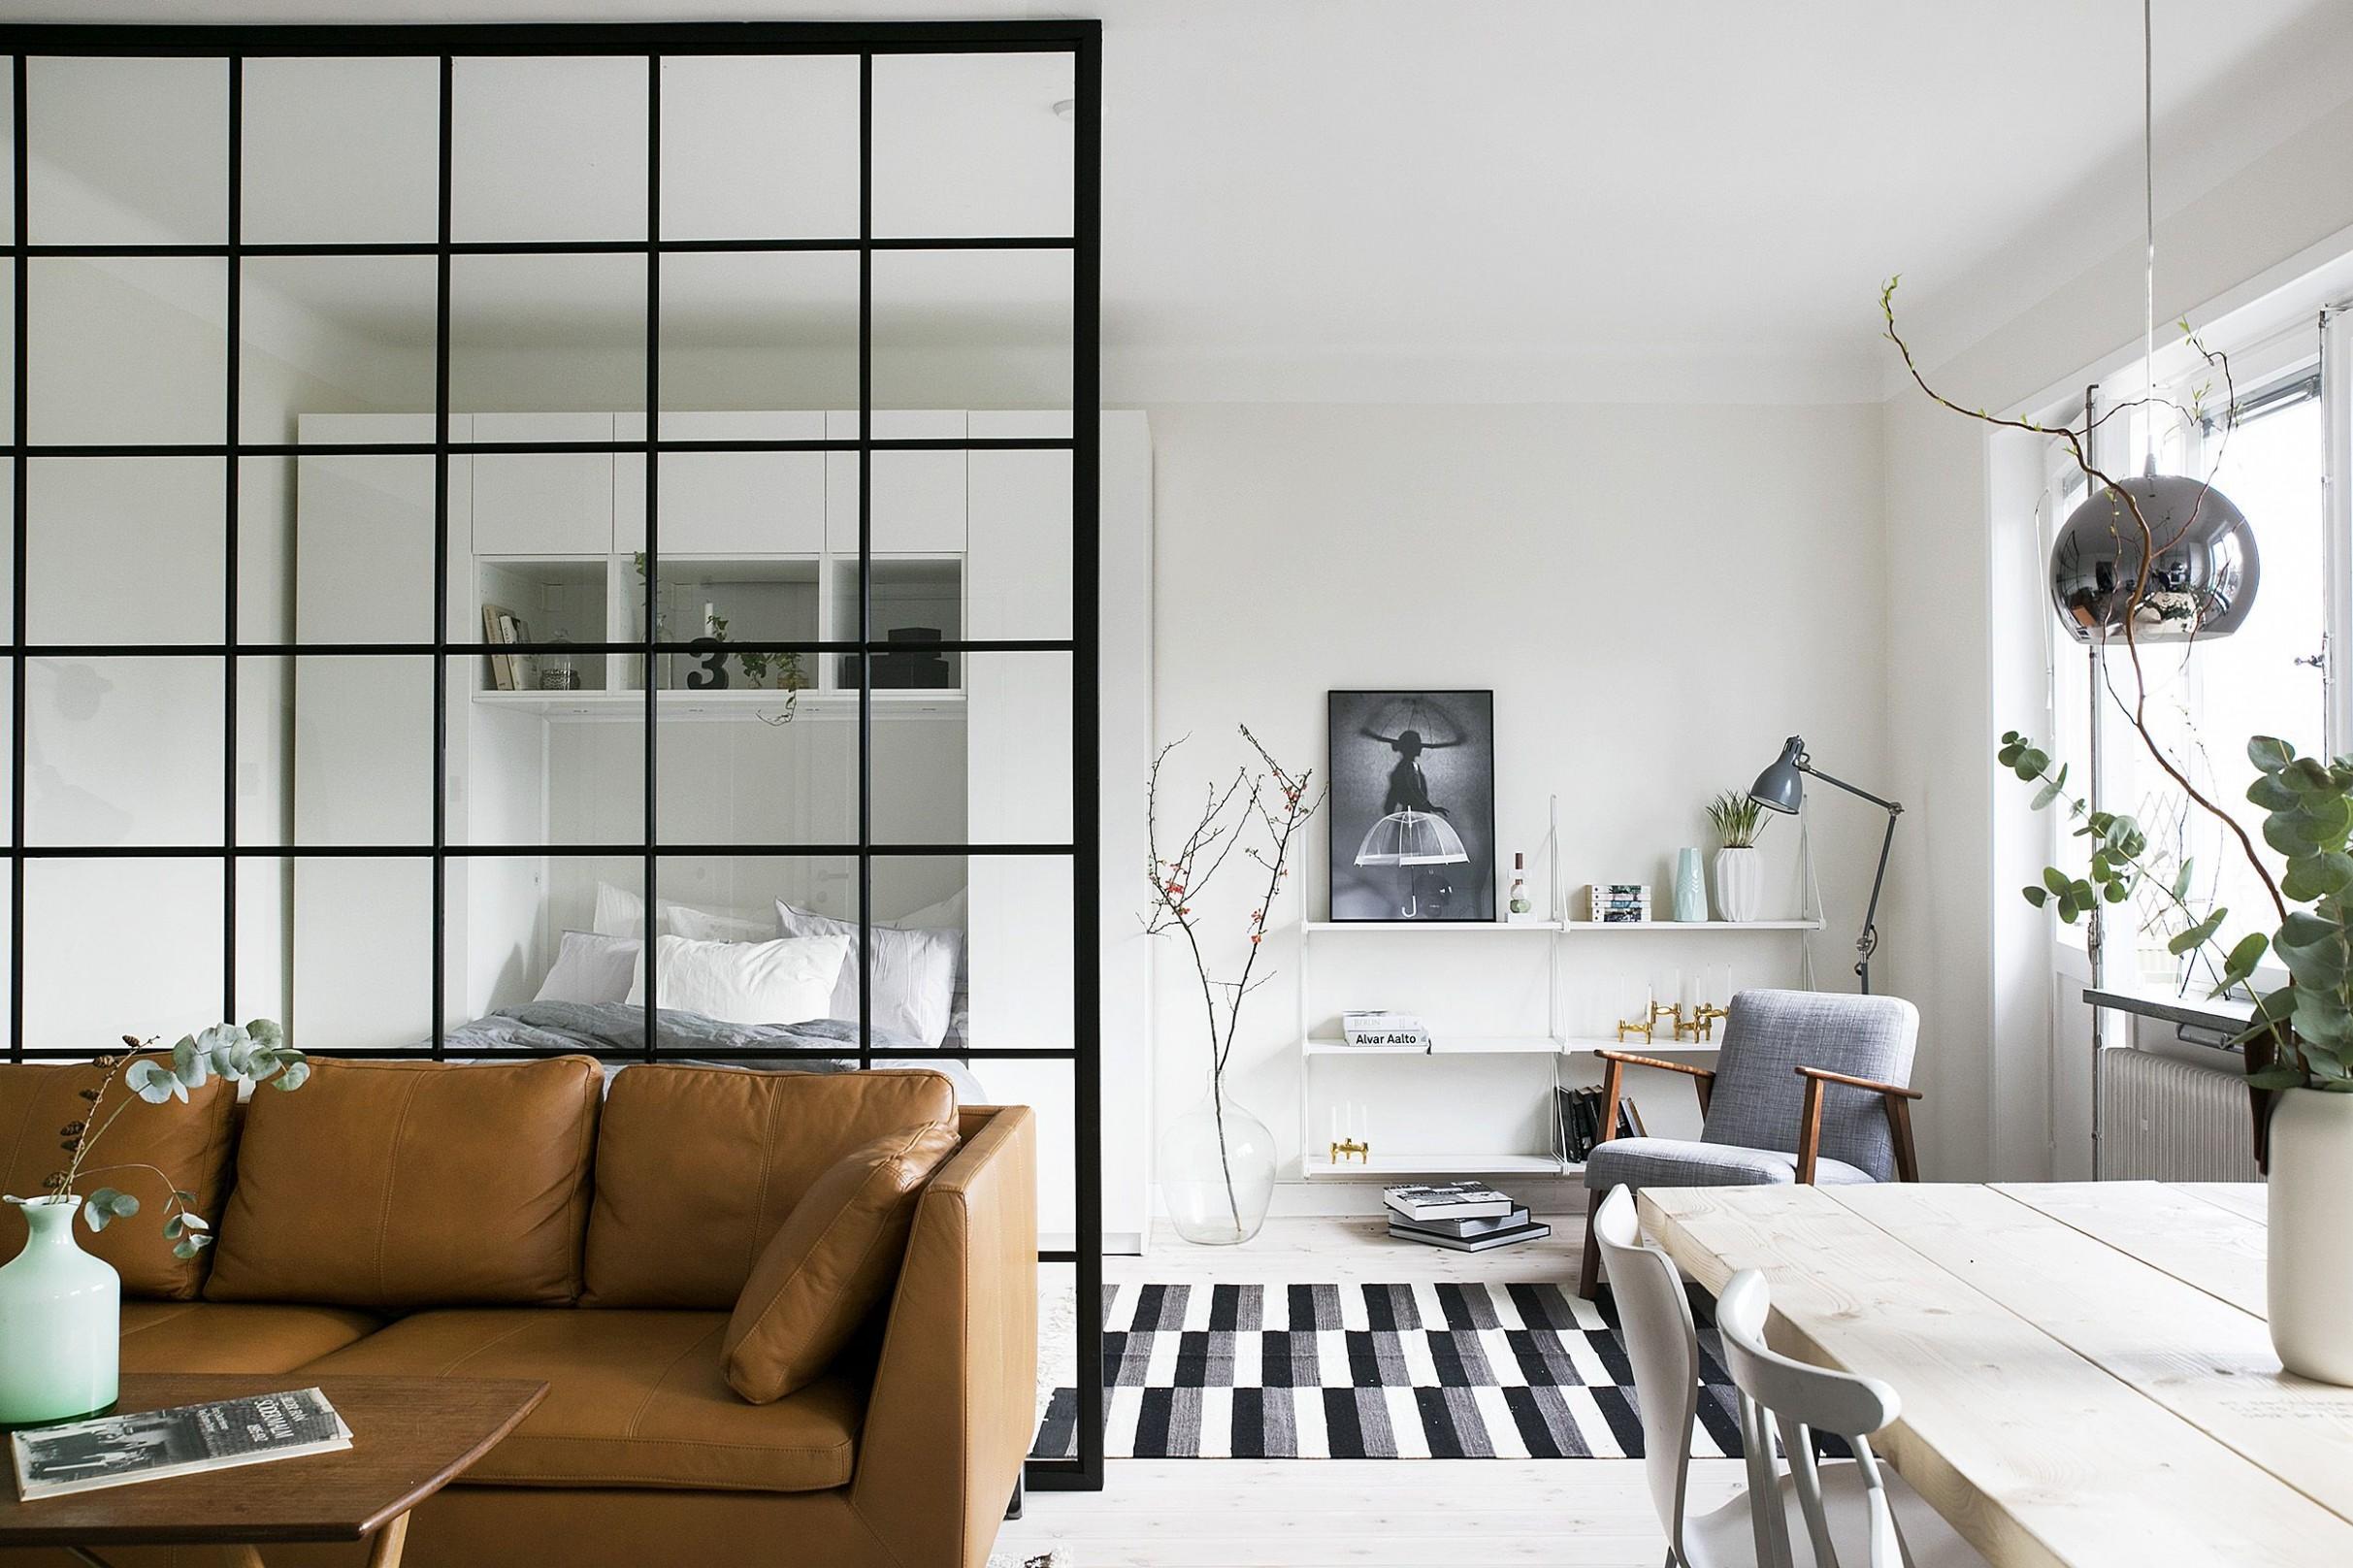 How to Decorate a Studio Apartment - 12 Studio Apartment Ideas - Apartment Design Pictures